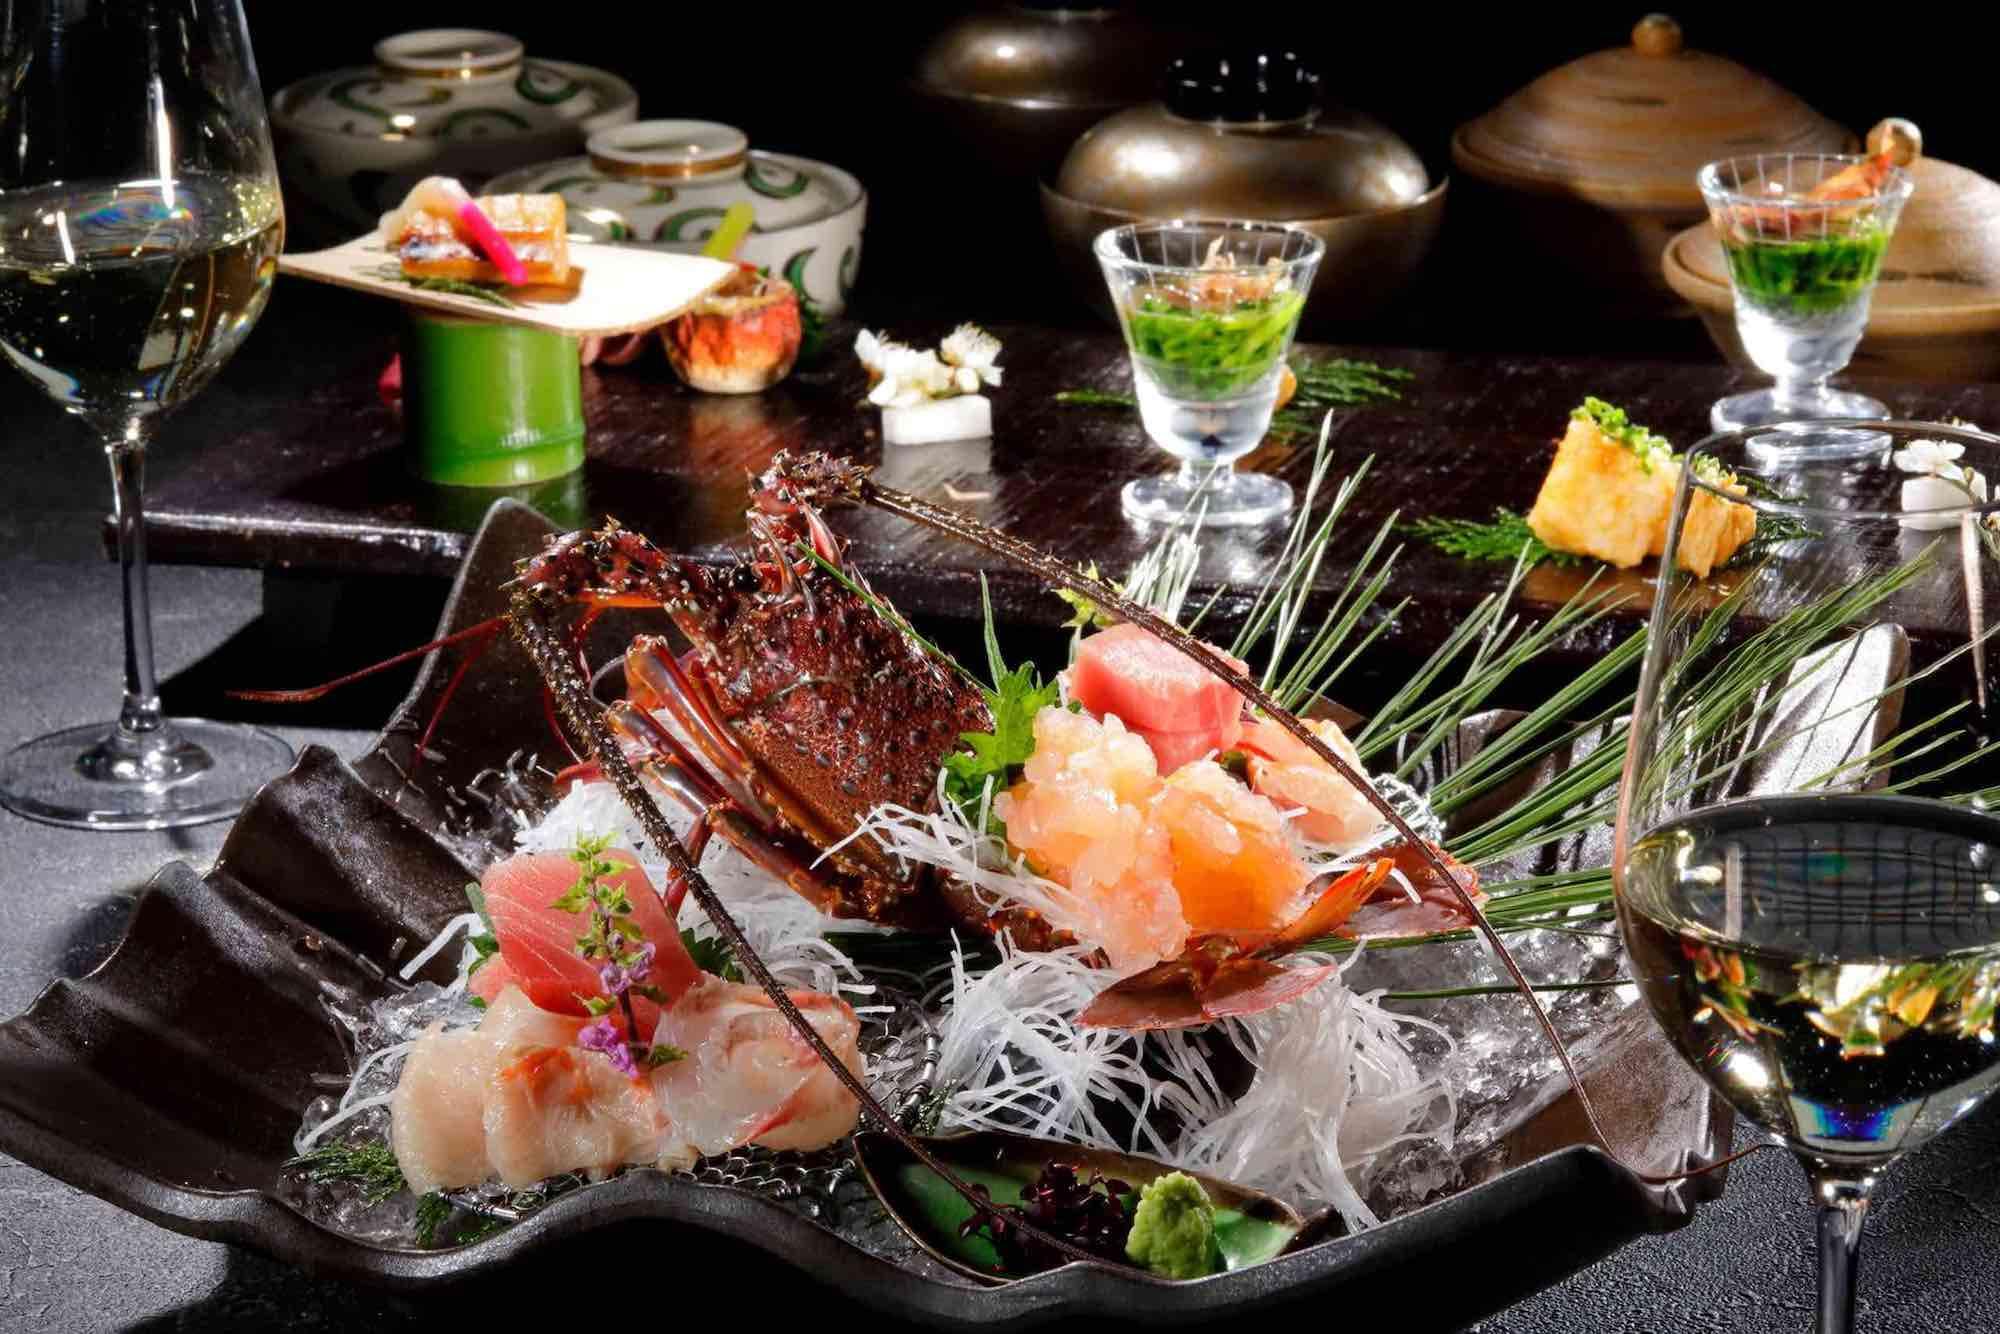 伊豆の新鮮な旬の幸を使用した伊豆懐石料理